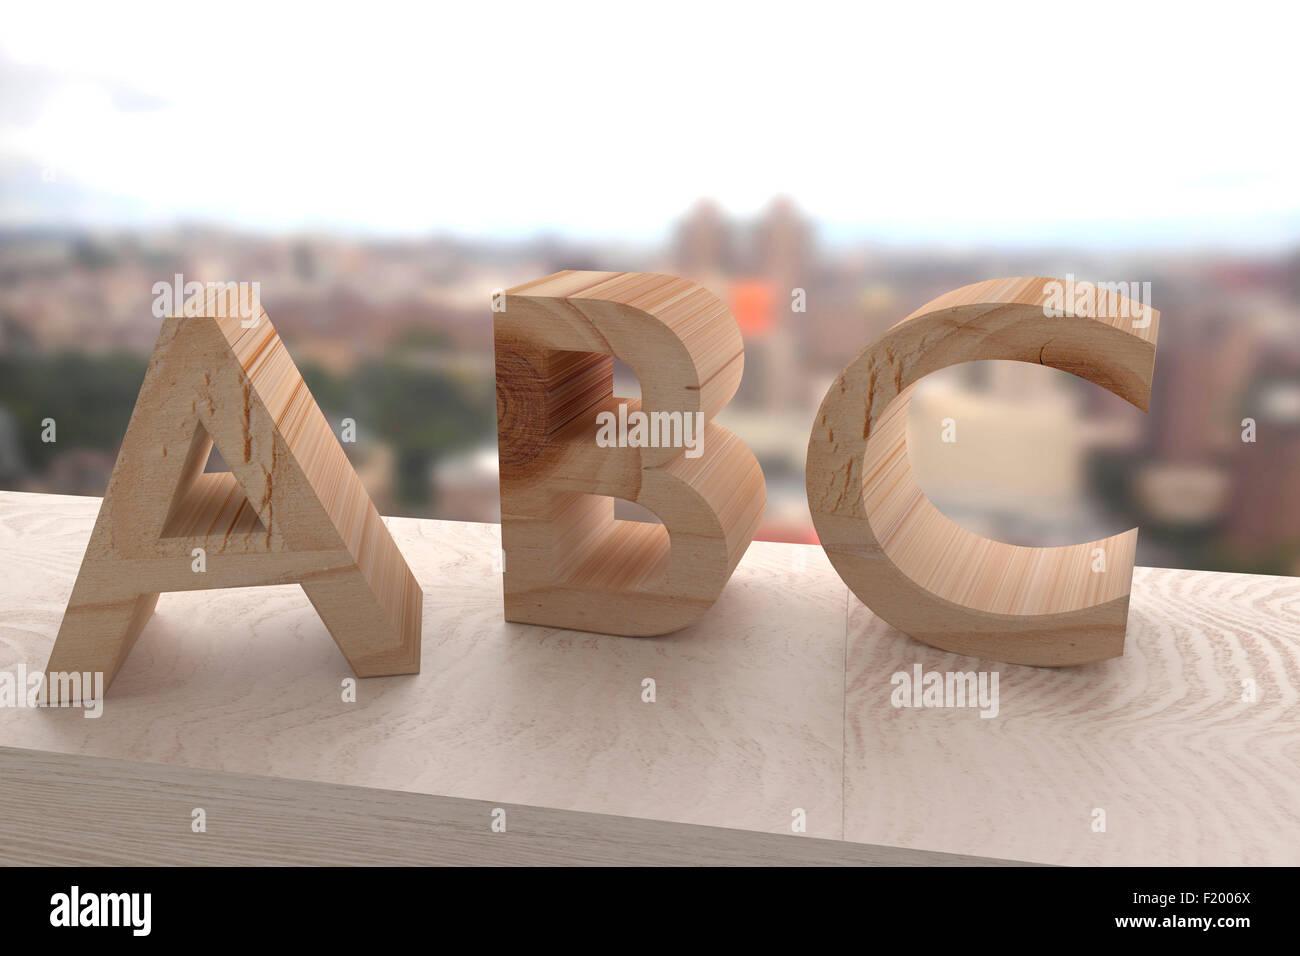 Le rendu 3D d'une des lettres abc en bois Banque D'Images